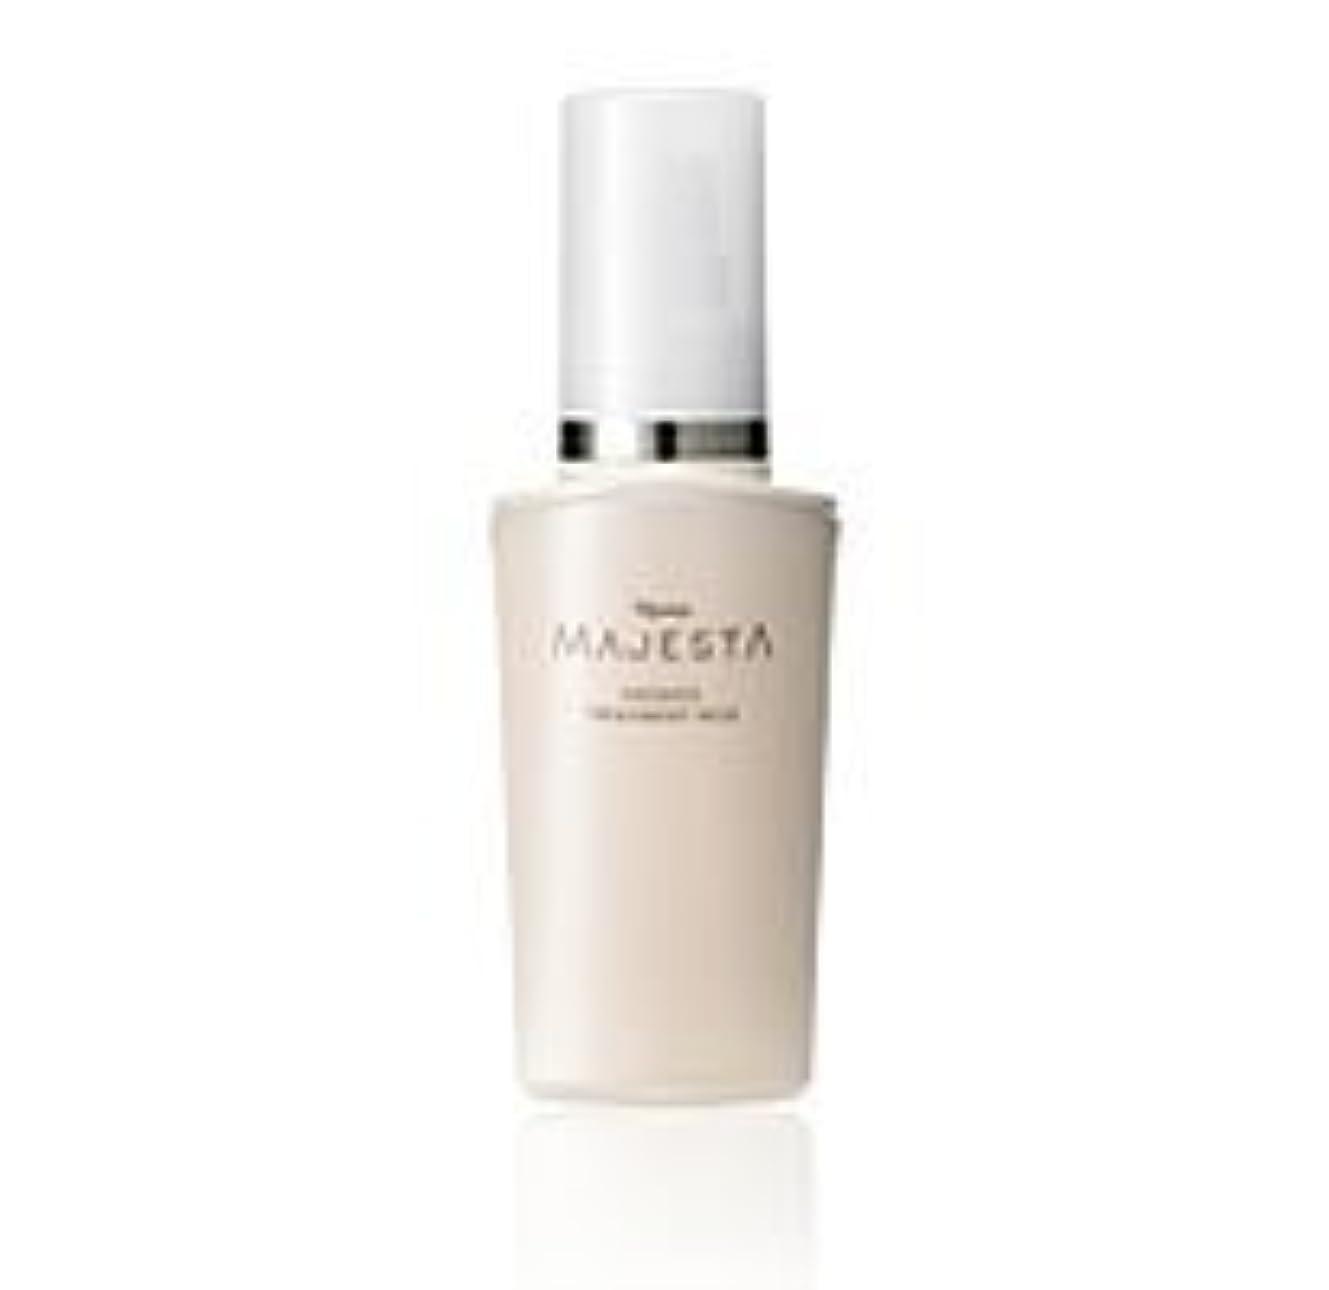 穏やかな洋服仕事に行くナリス化粧品 マジェスタ ネオアクシス トリートメントミルク (美容乳液) 80ml